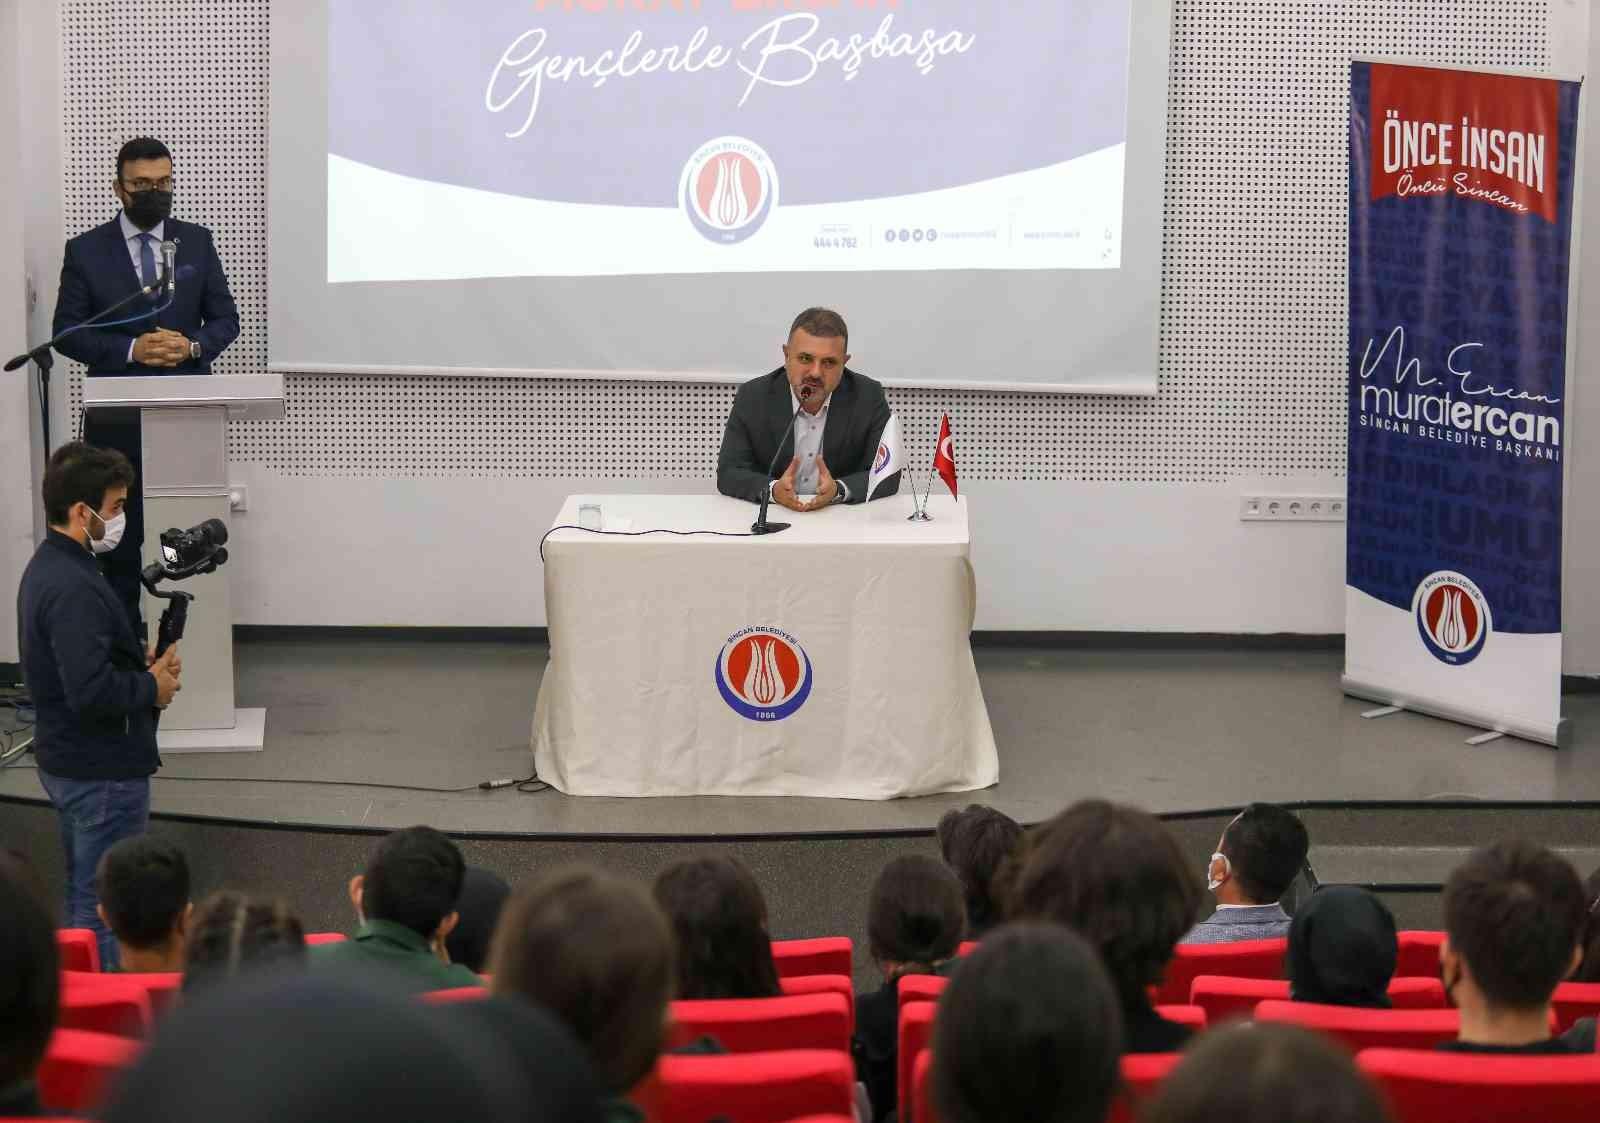 Sincan Belediye Başkanı Ercan gençlerle bir arada